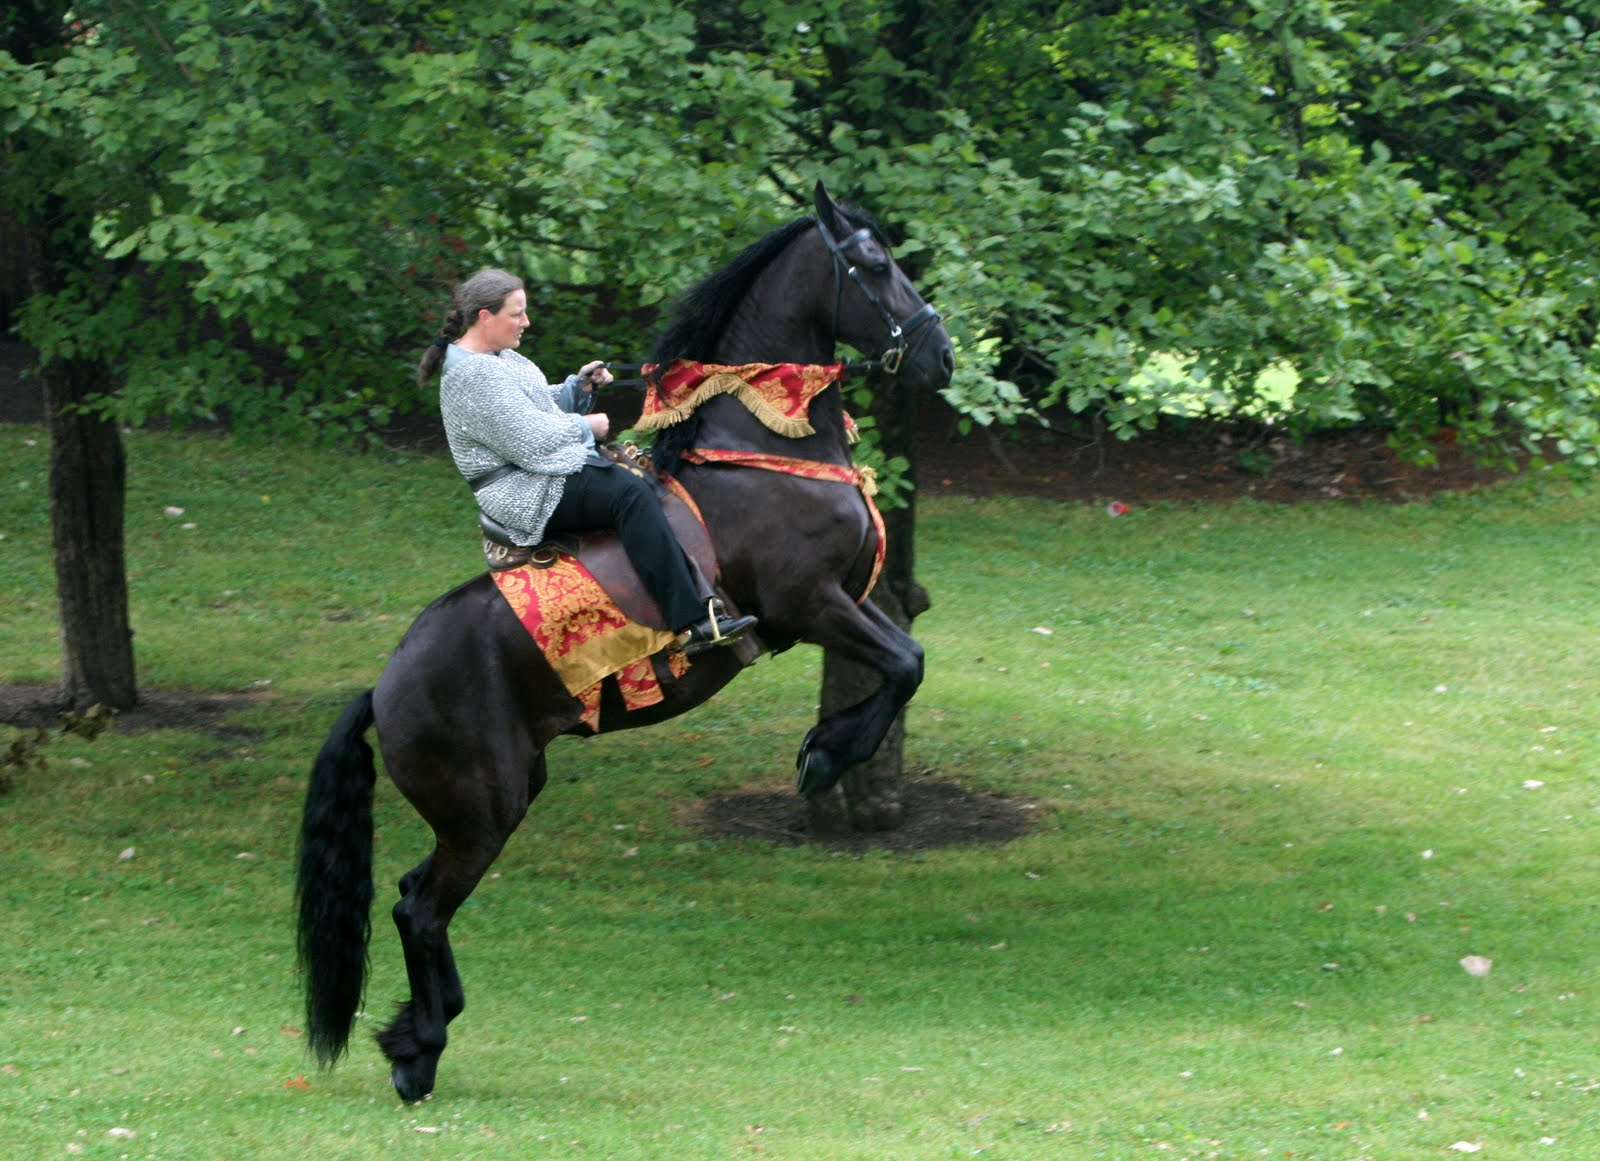 http://1.bp.blogspot.com/-1IaMEsu0HDQ/TnH8MJhsAlI/AAAAAAAAA5A/Dc9mI30lHYs/s1600/friesian+horse+%252824%2529.jpg